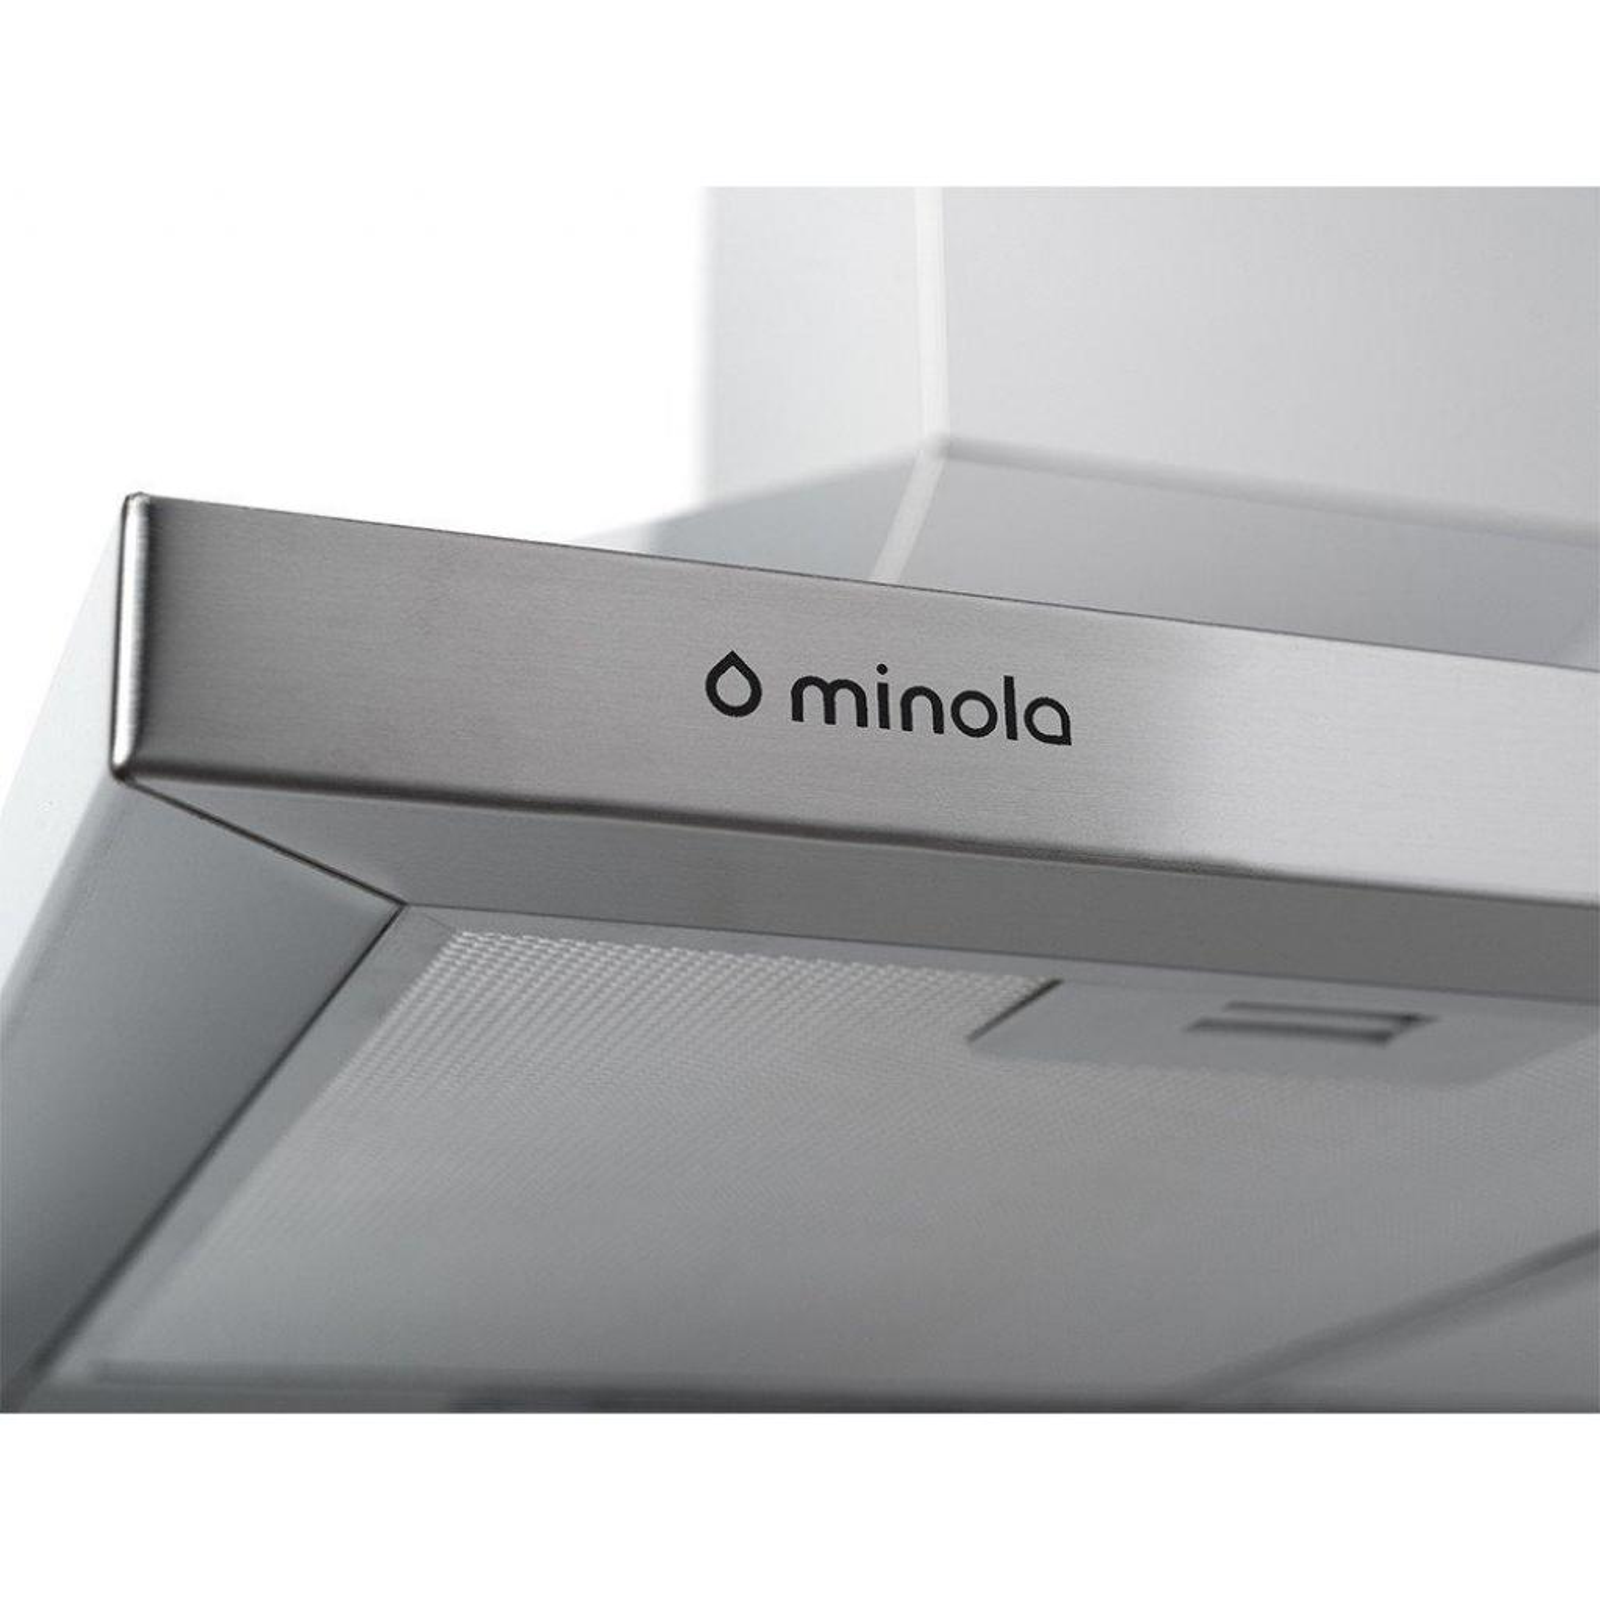 Вытяжка кухонная MINOLA HK 5210 I 650 изображение 5